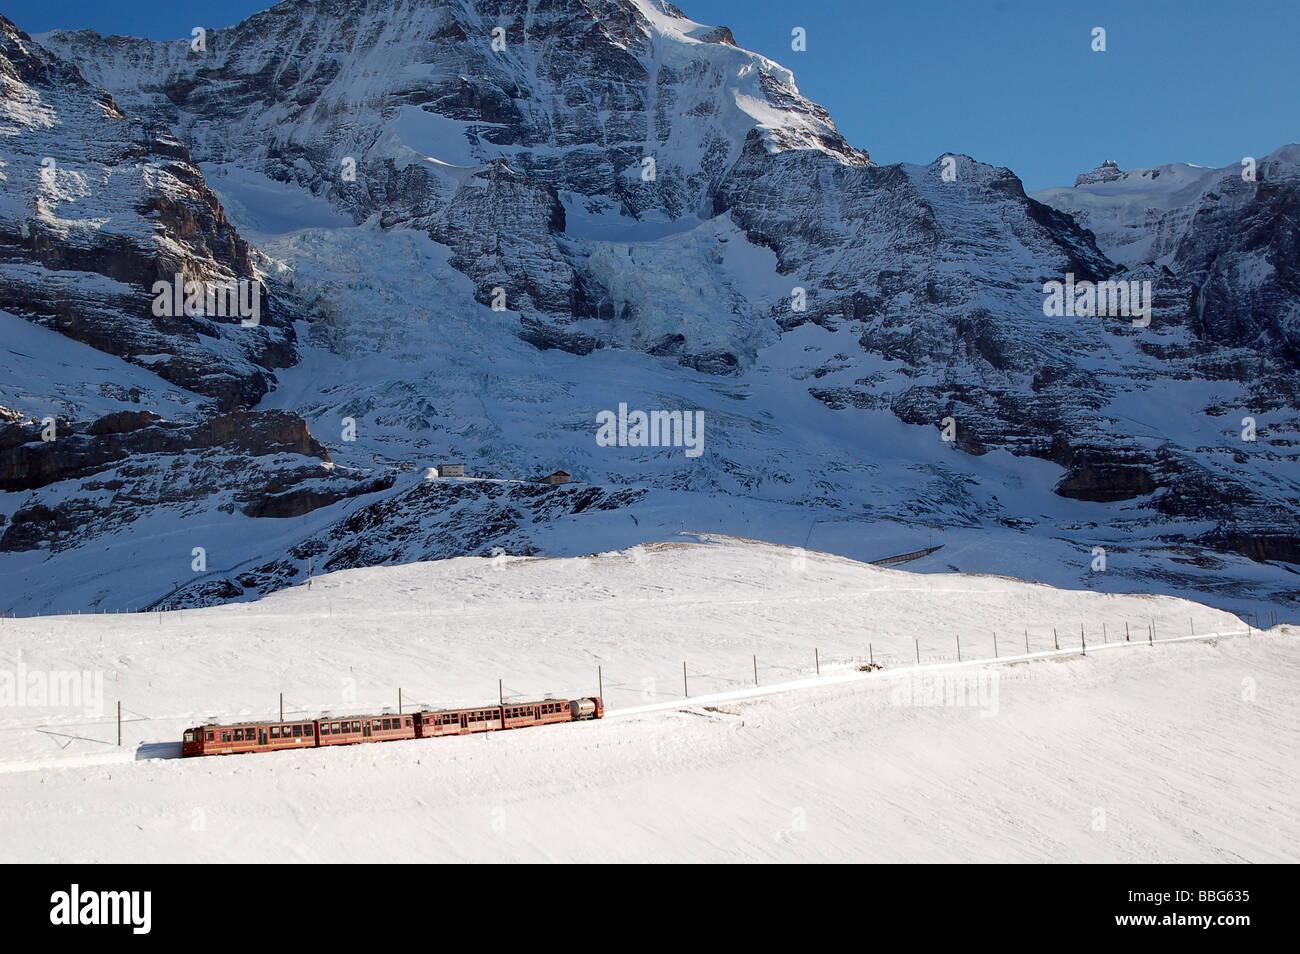 Chemin de fer train dans la montagne dans les Alpes Suisses près de Grindelwald en Suisse Europe Banque D'Images